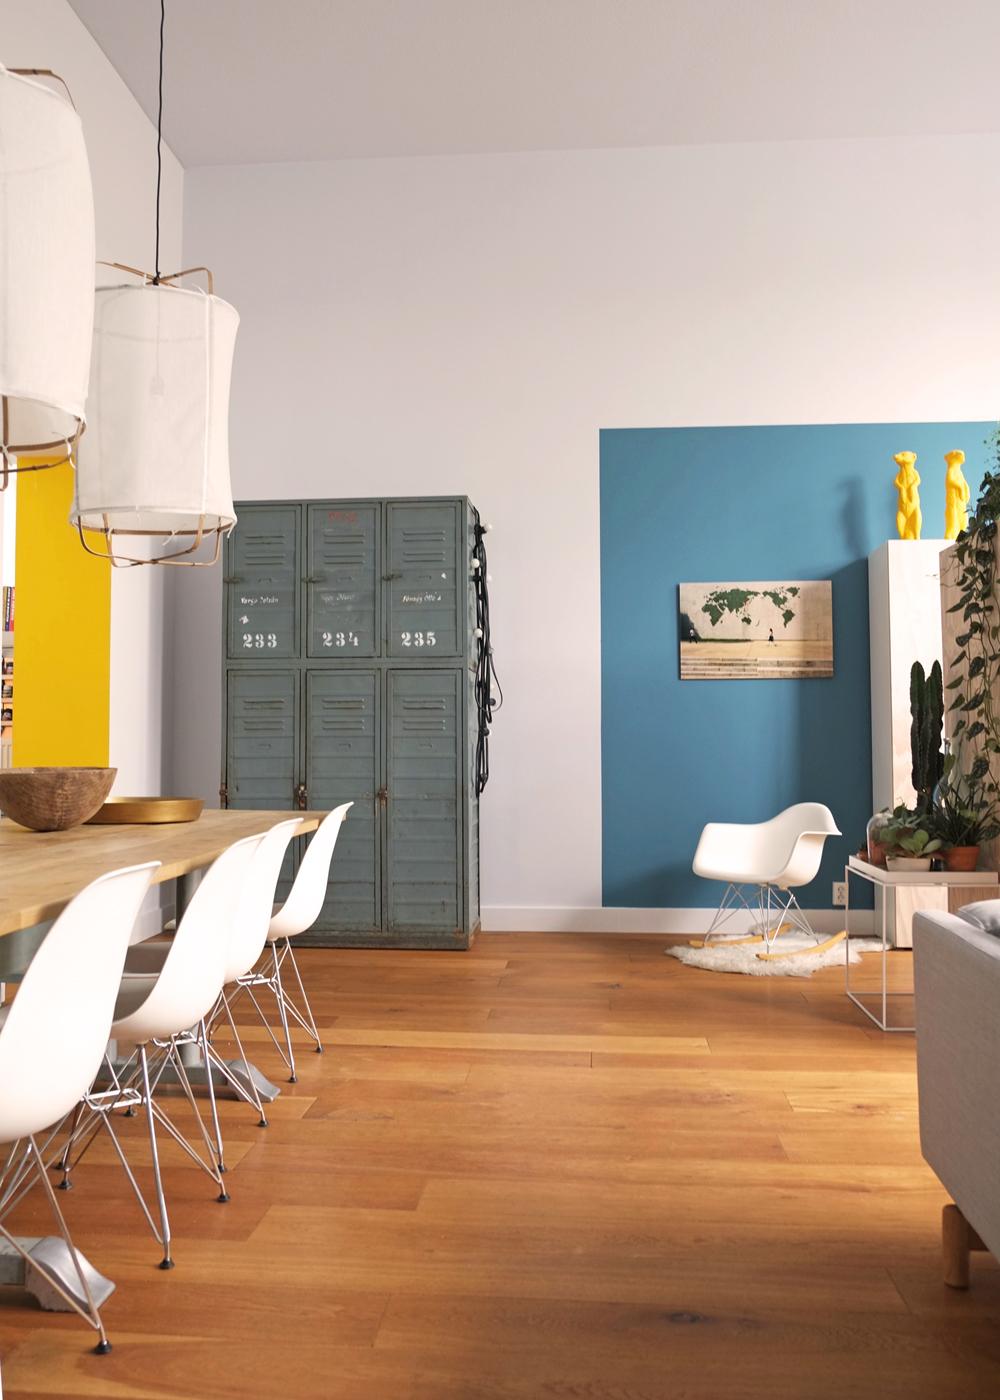 Een grote eettafel pimpelwit styling interieurontwerp en styling advies - Interieurontwerp thuis kleur ...